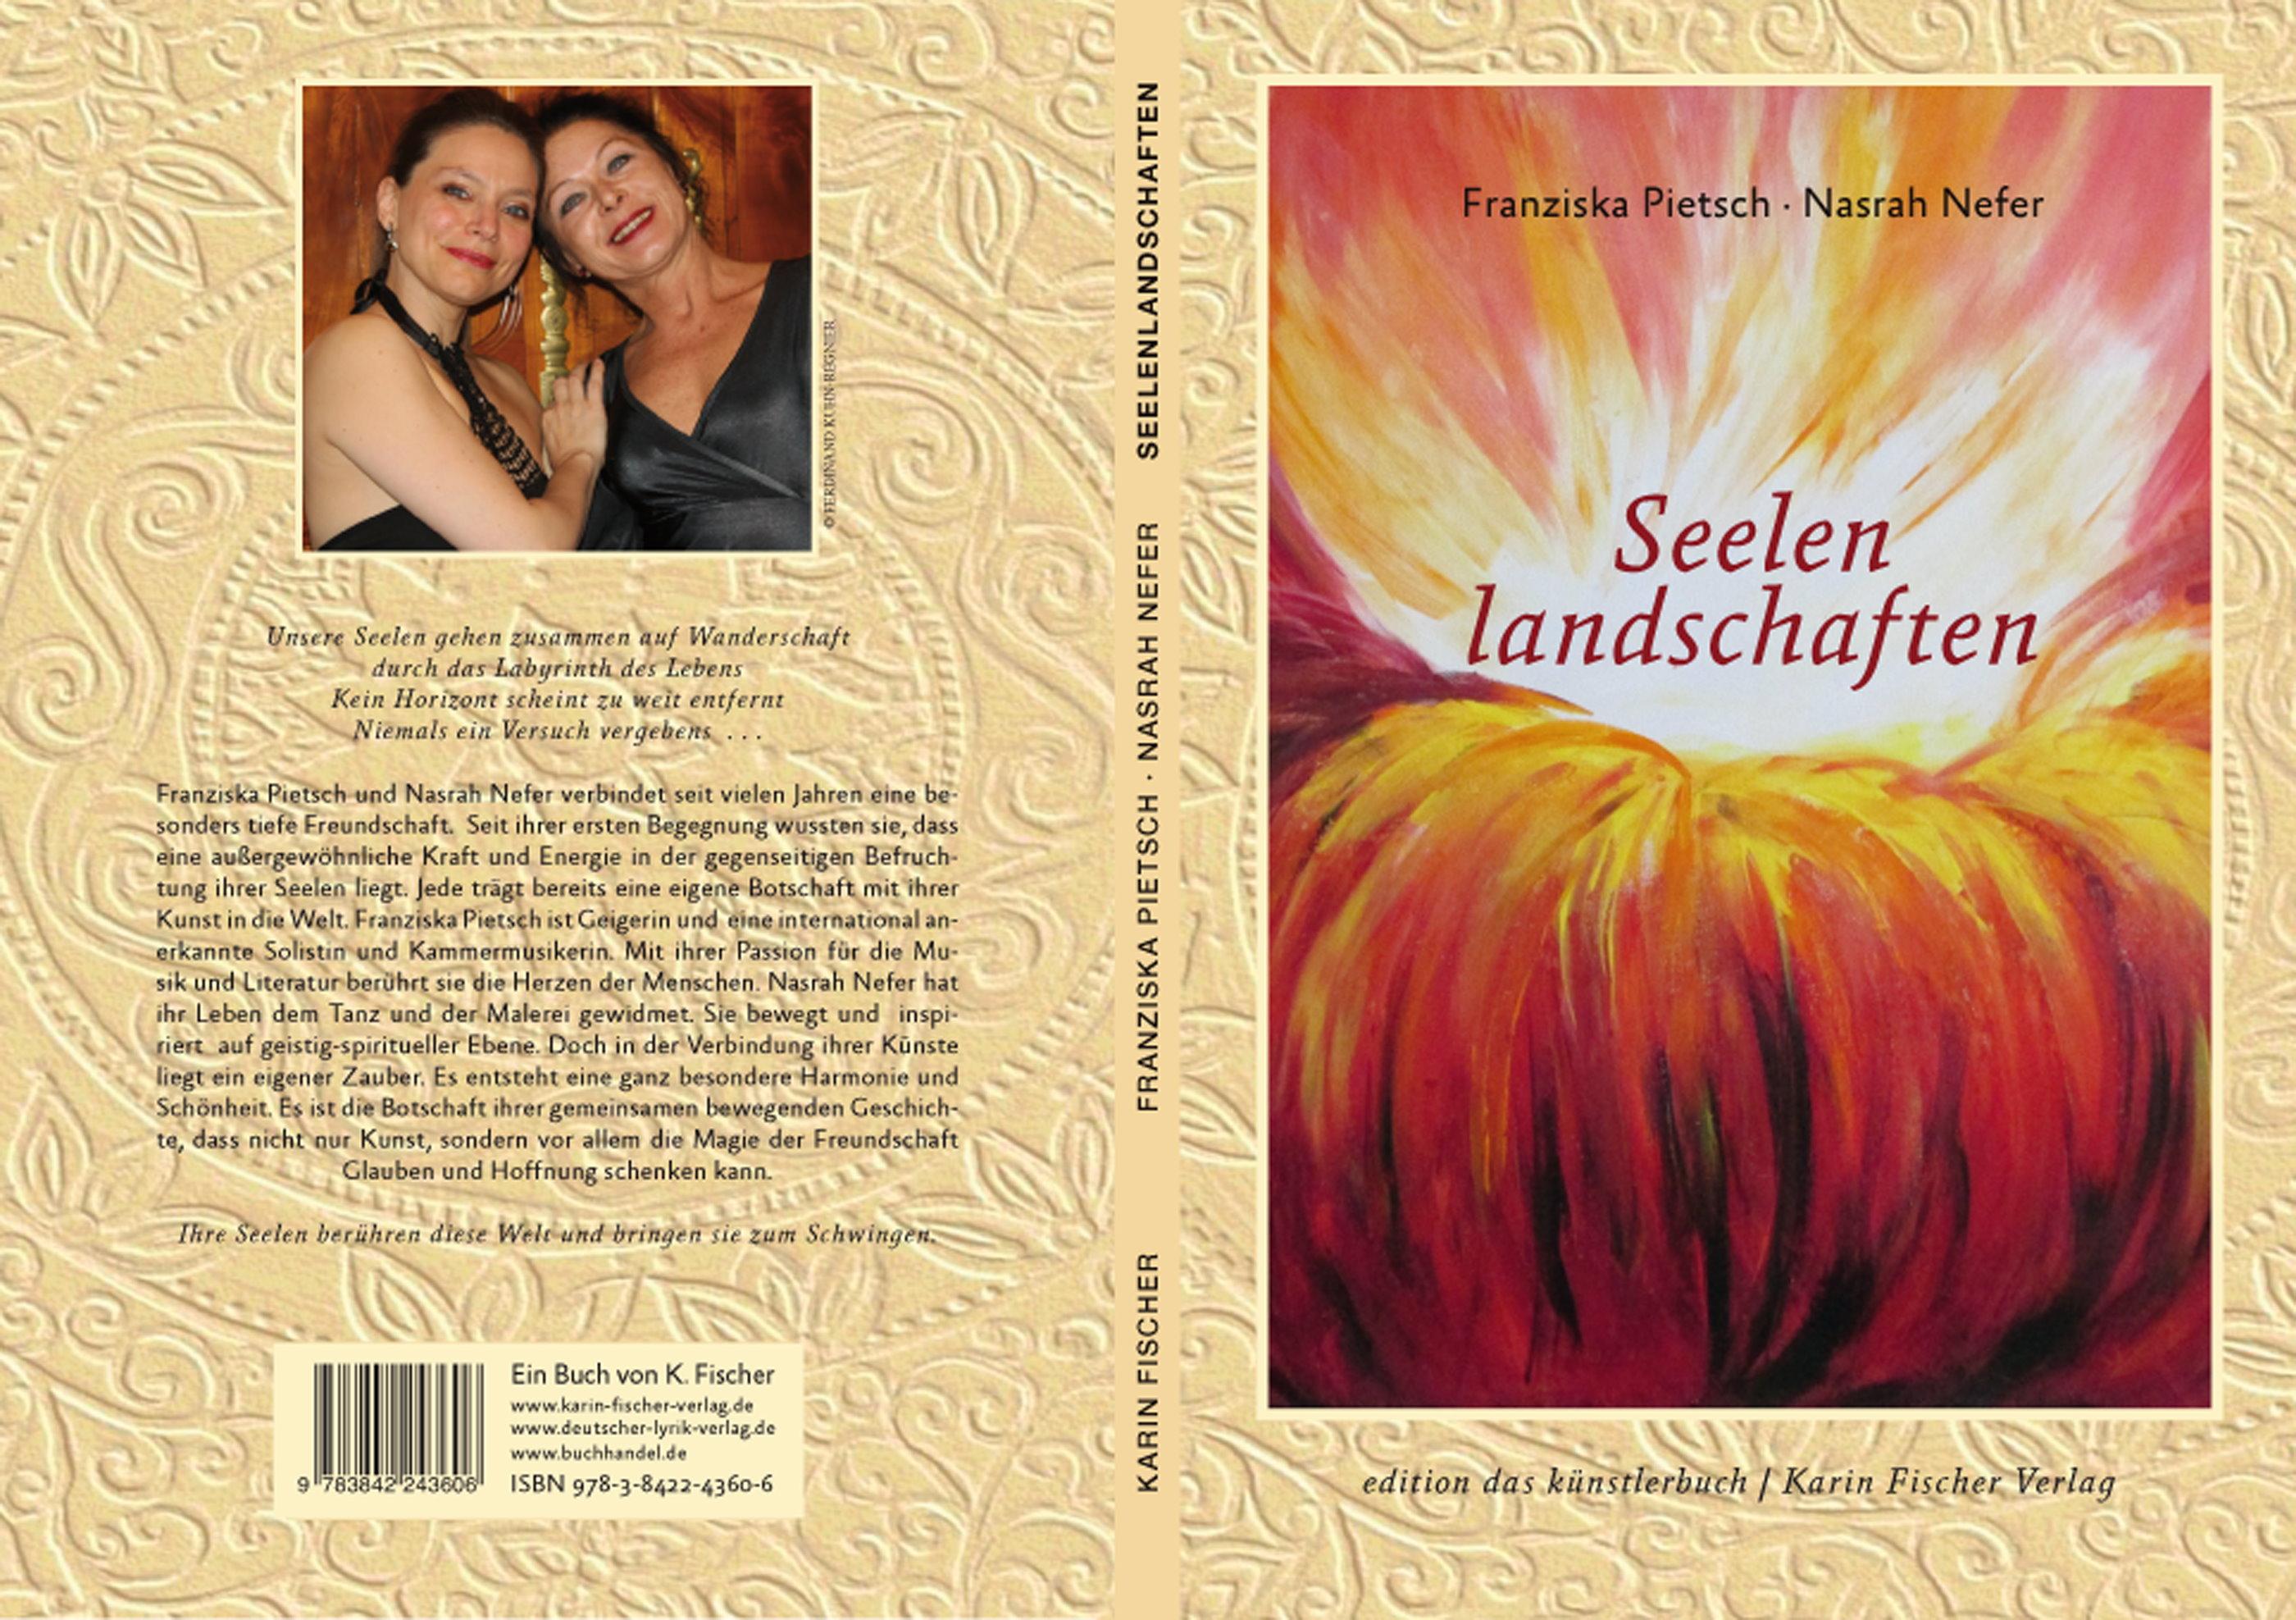 Seelenlandschaften_-_das_Künstlerbuch_kl